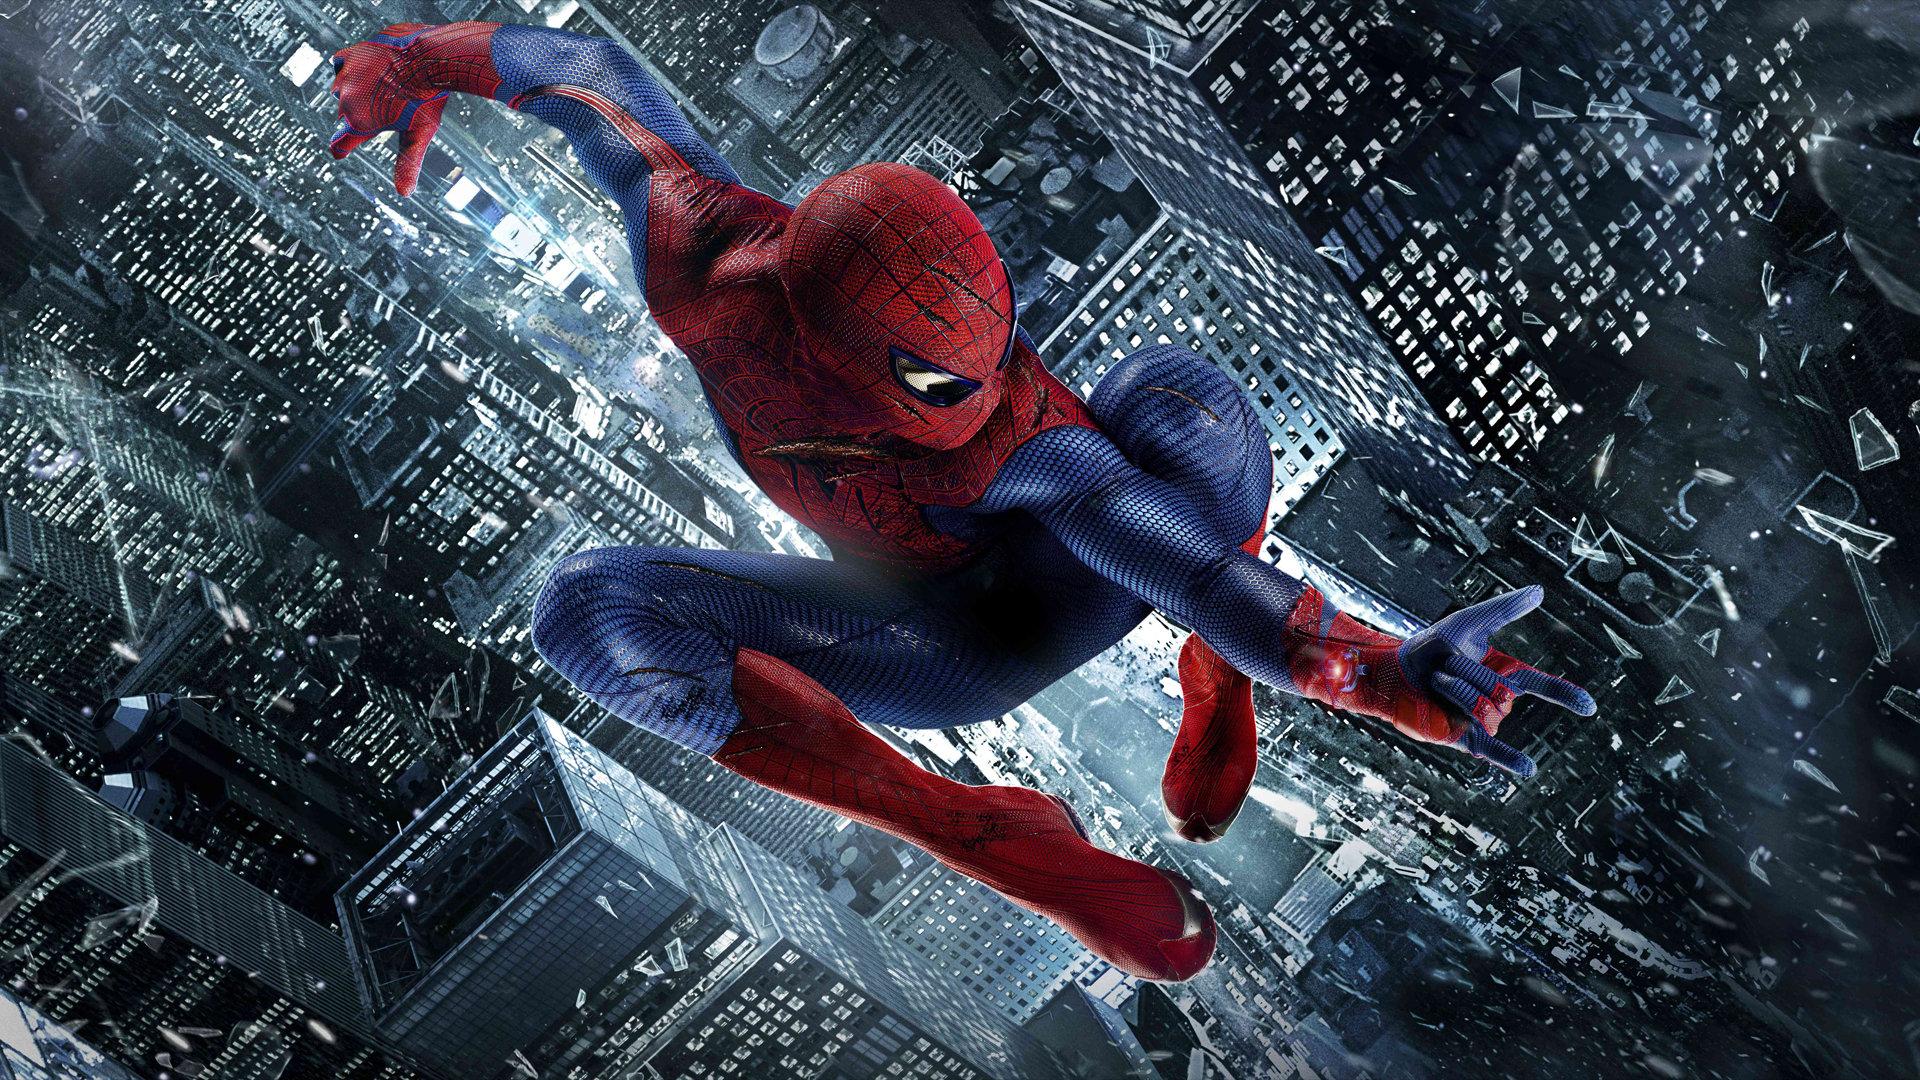 Wallpaper 1920x1080 Px Amazing Spider Man Spiderman